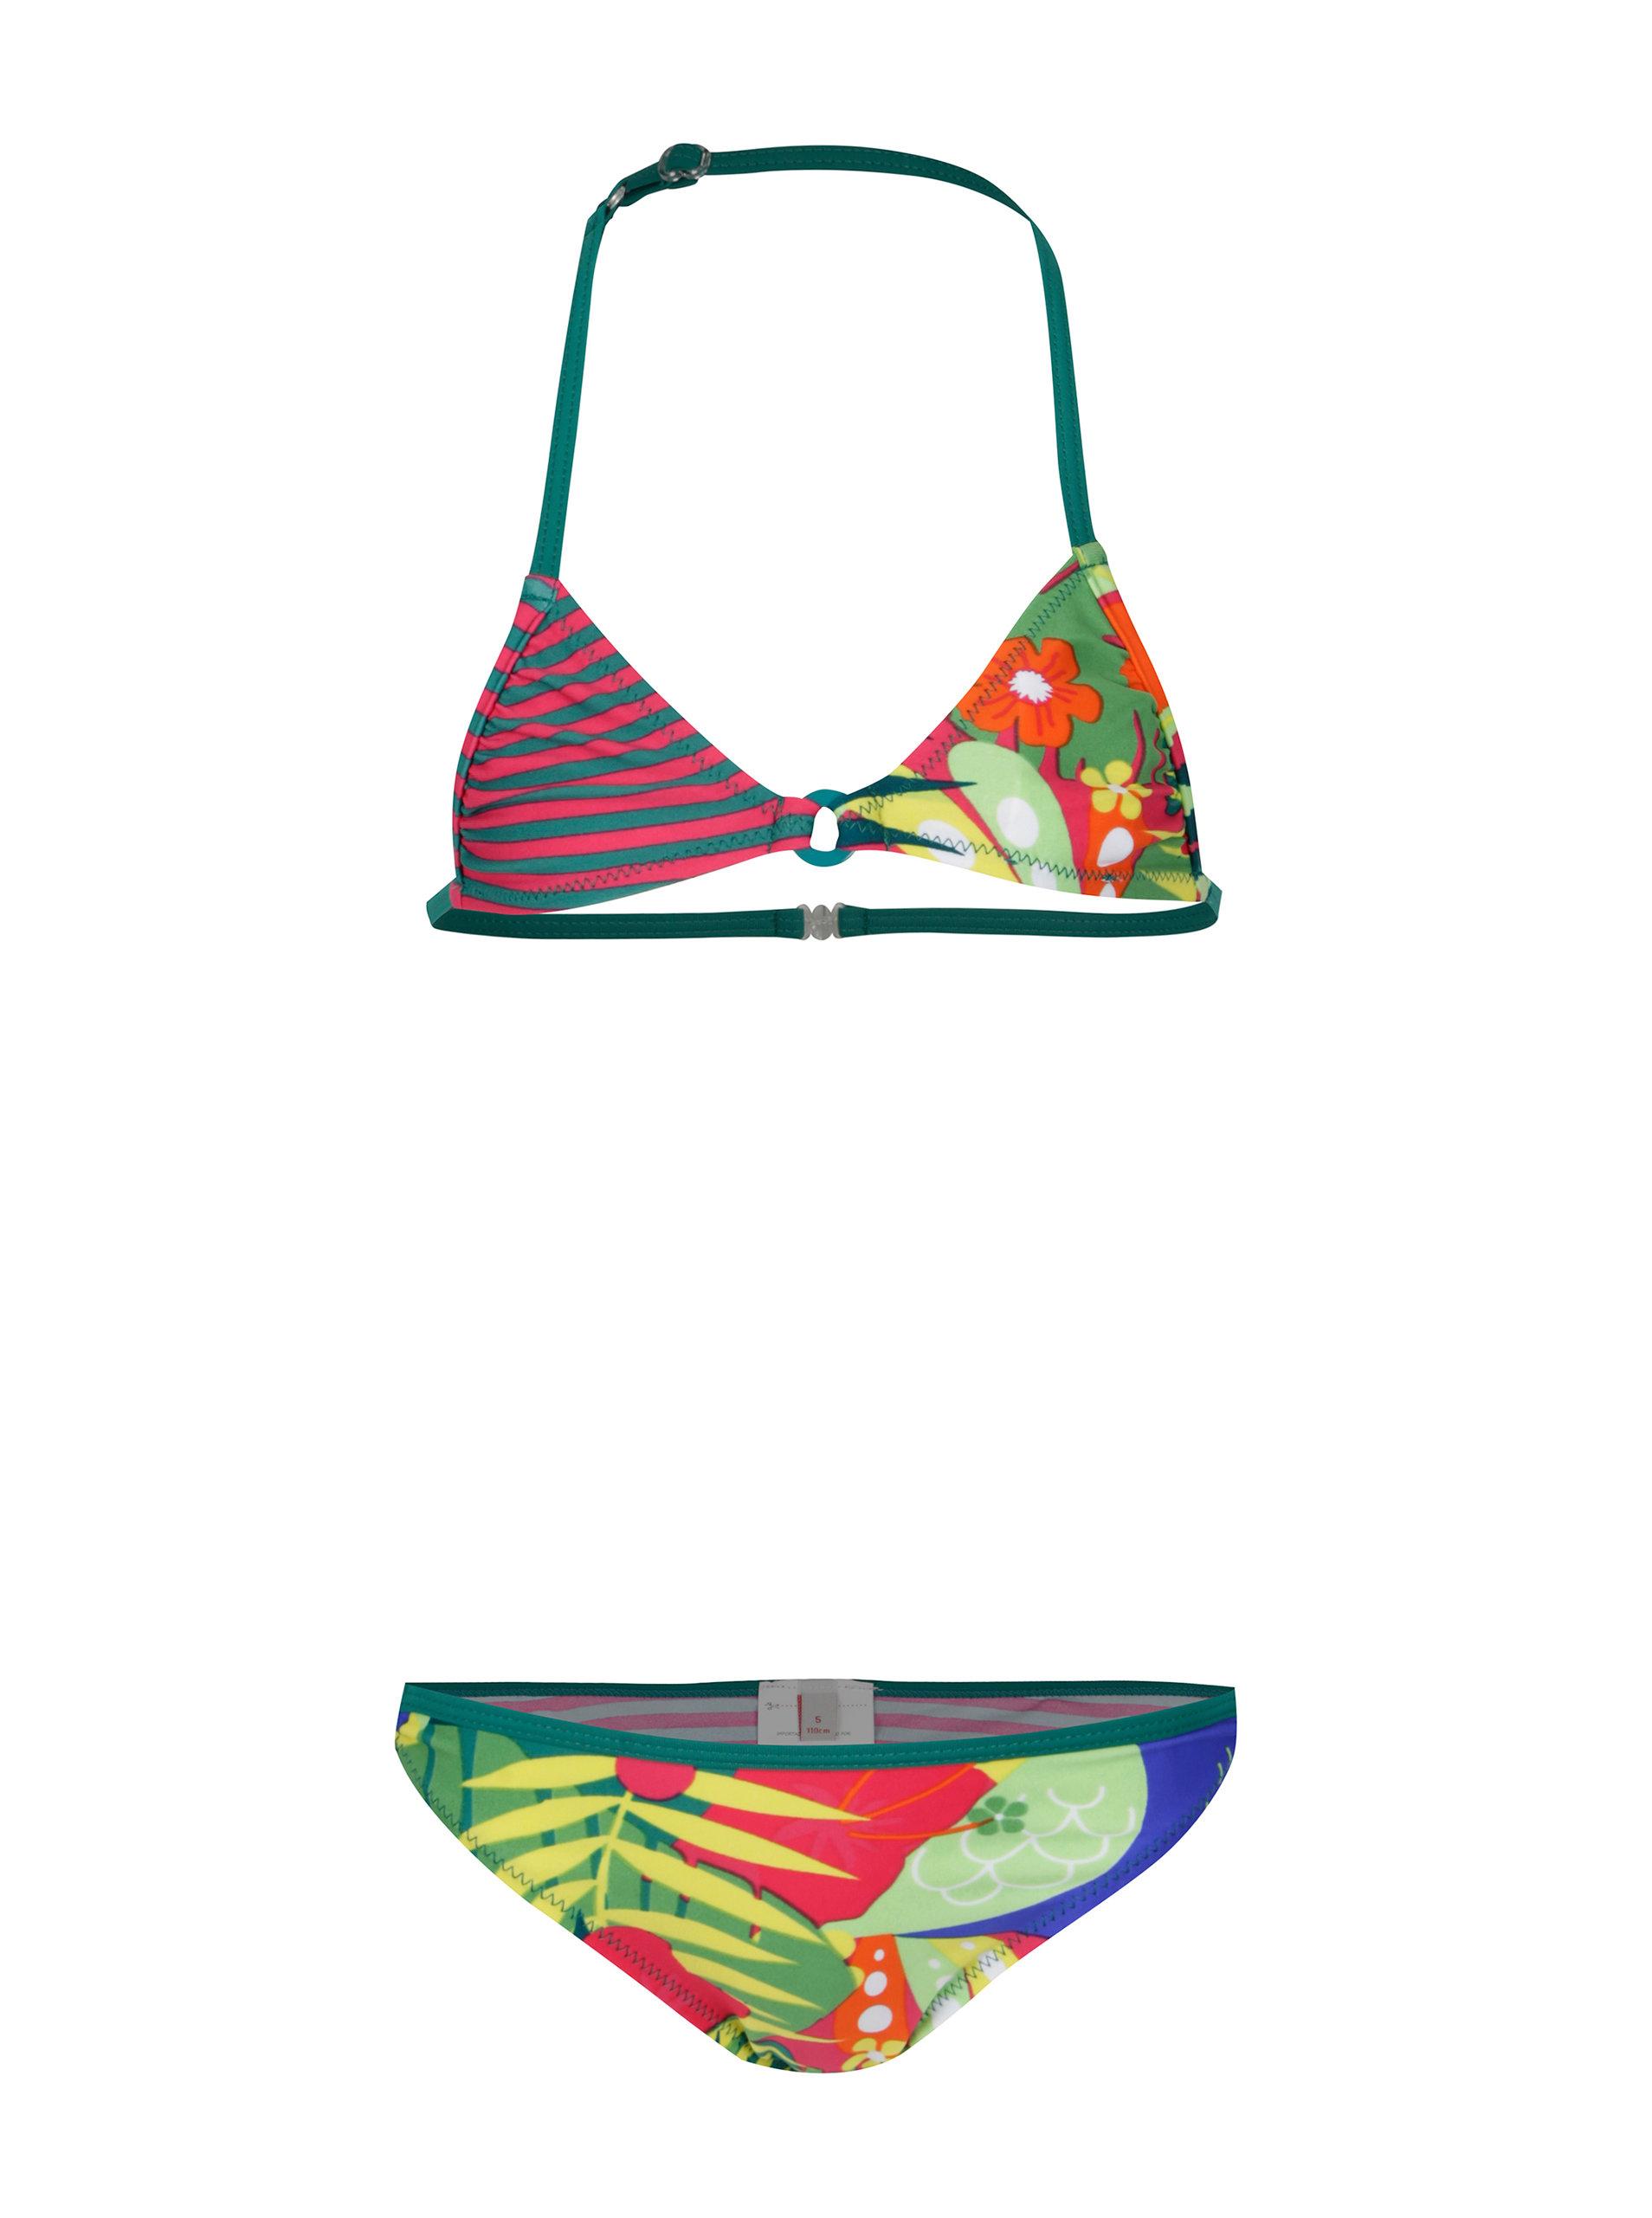 070f95962be Růžovo-zelené dvoudílné holčičí plavky s potiskem BÓBOLI ...